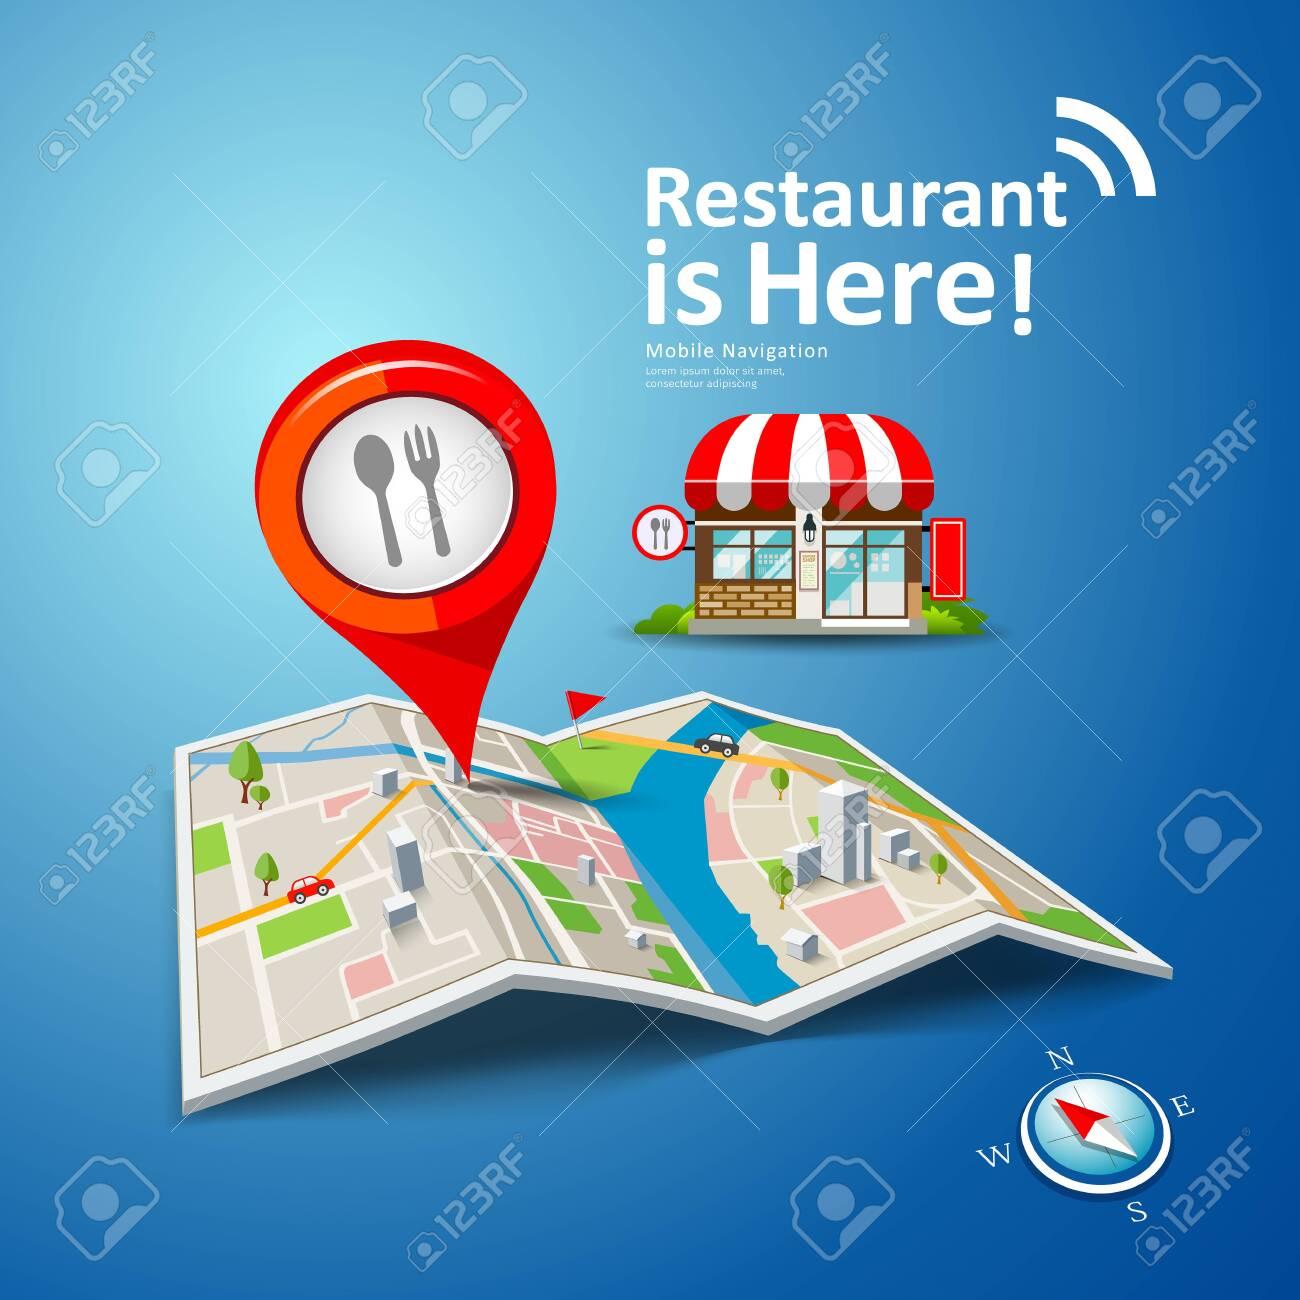 Folded Maps Vector With Red Color Point Markers Restaurant Is Here Design Ilustraciones Vectoriales Clip Art Vectorizado Libre De Derechos Image 132297321